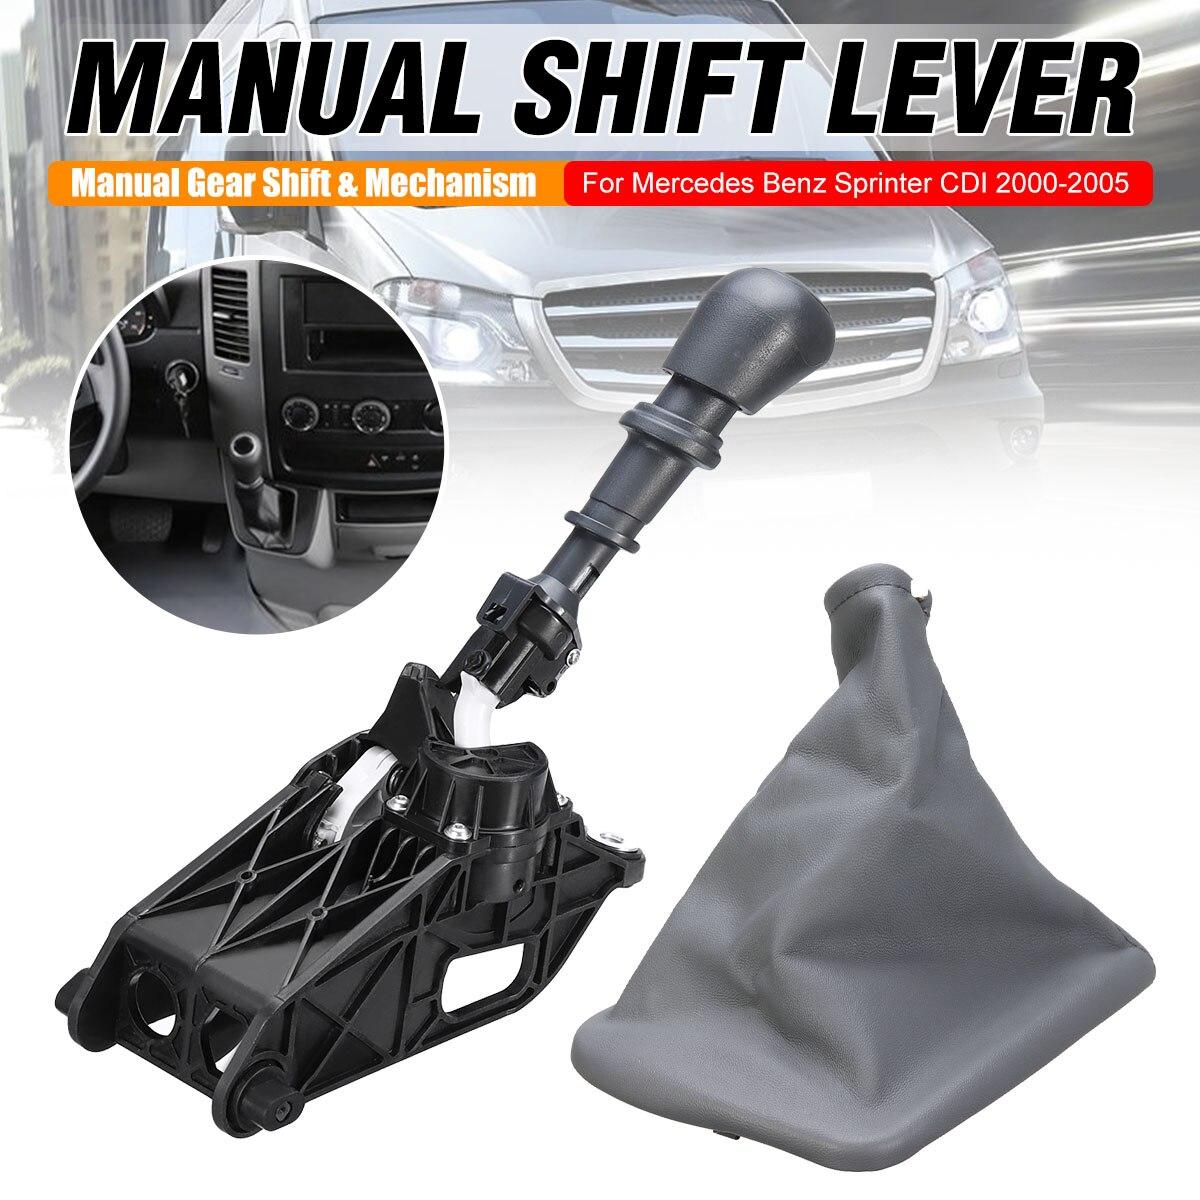 Nouveau mécanisme de changement de vitesse de voiture à 5 vitesses levier de levier de vitesse manuel pour Mercedes Sprinter CDI 2000-2005 bouton de changement de vitesse démarrage